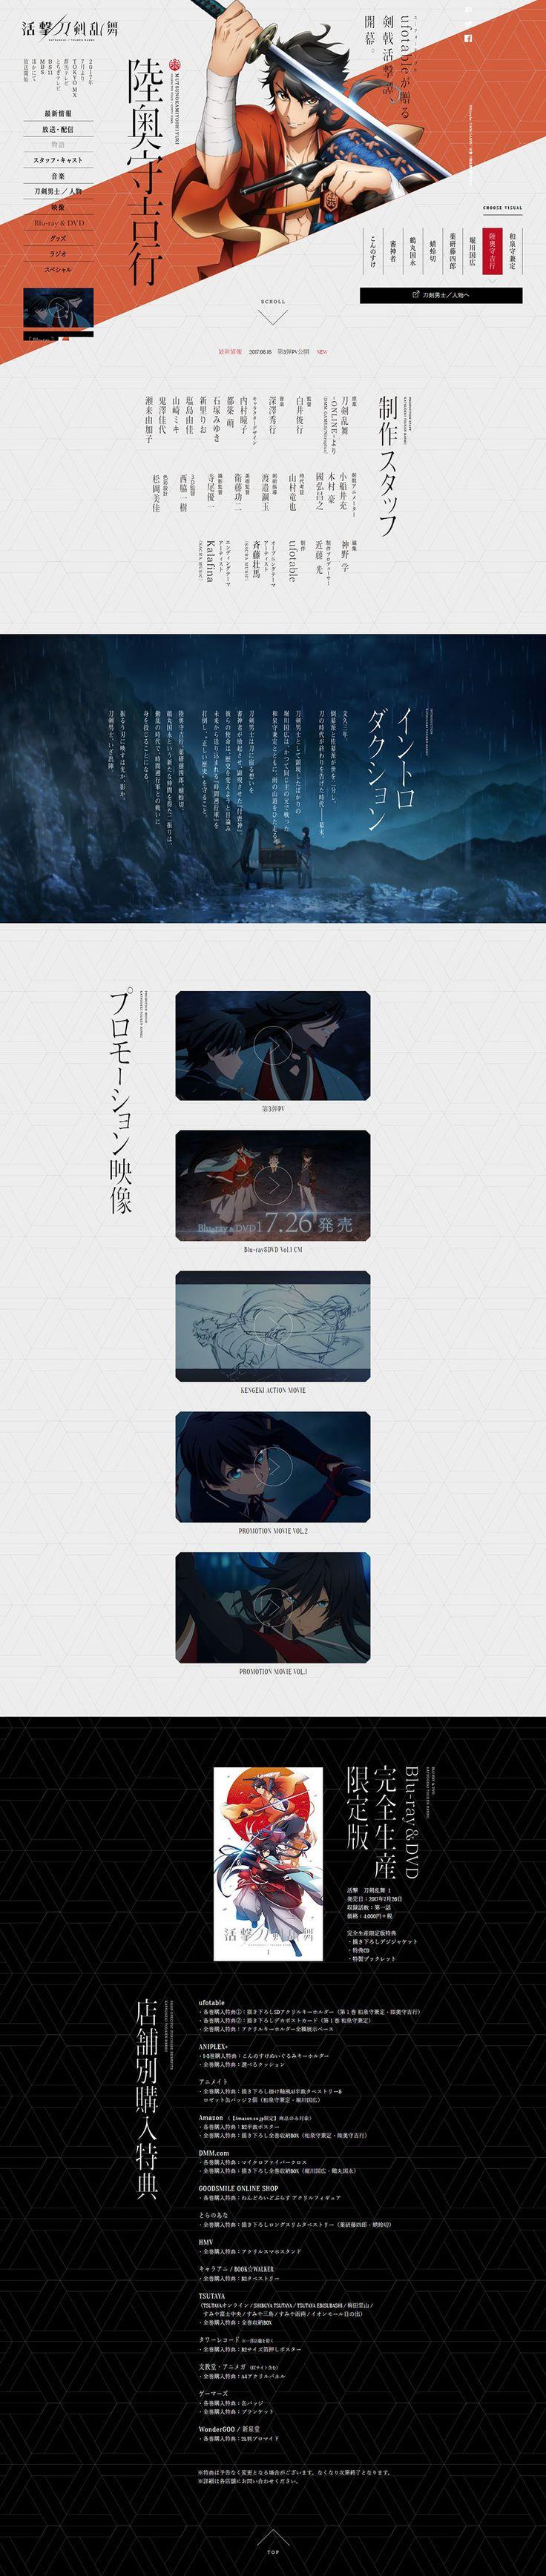 アニメ『活撃 刀剣乱舞』公式サイト|WEBデザイナーさん必見!ランディングページのデザイン参考に(かっこいい系)